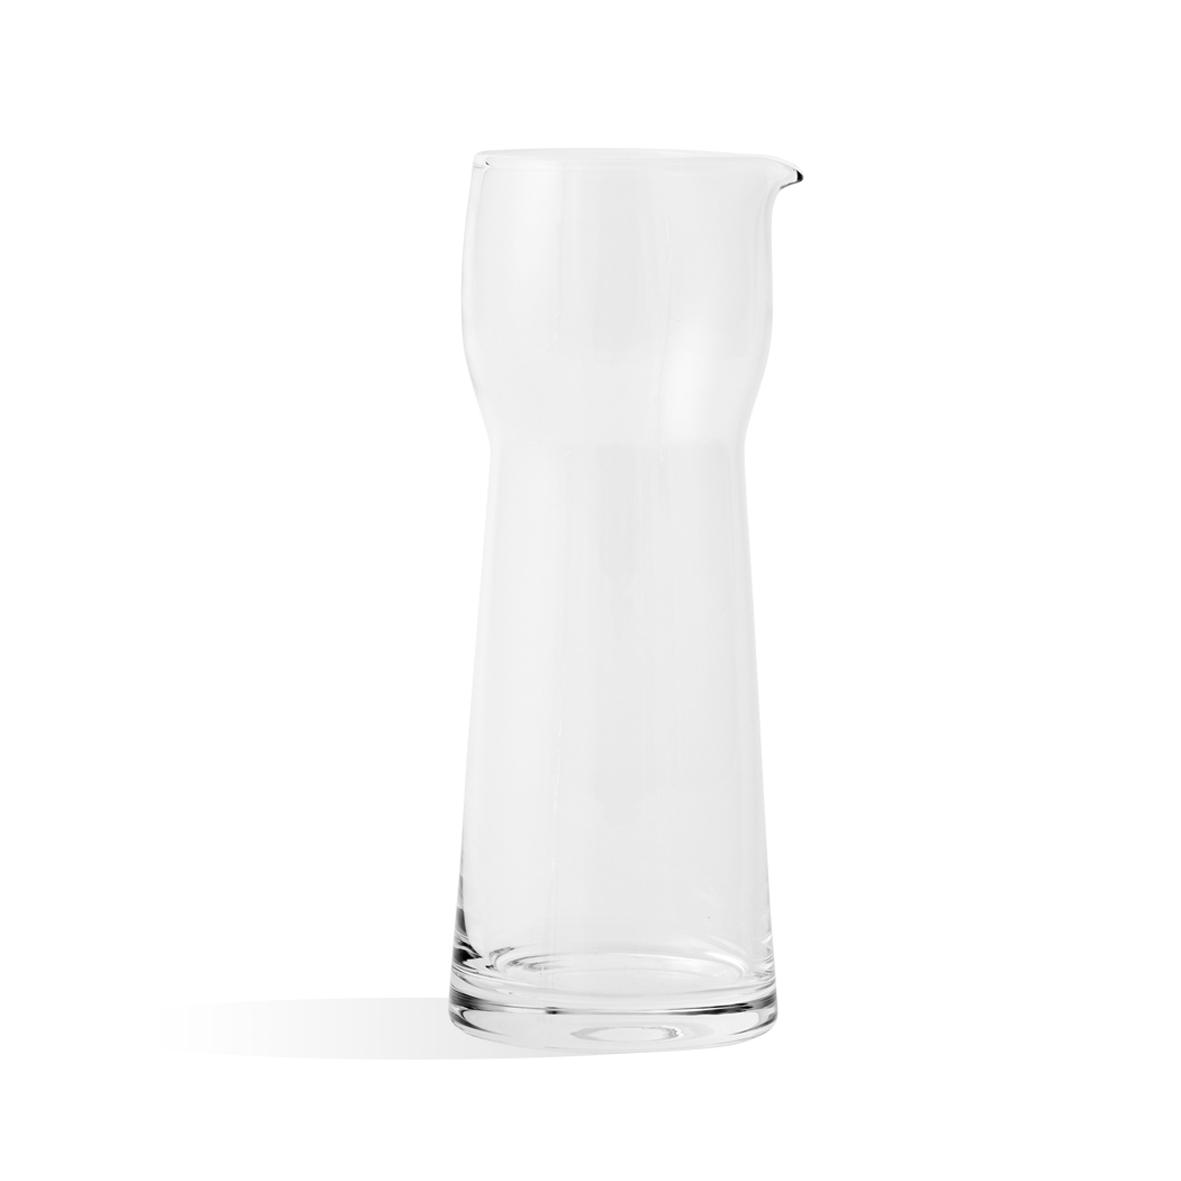 Lej vandkaraffel_lyngby porcelæn_A table story copy